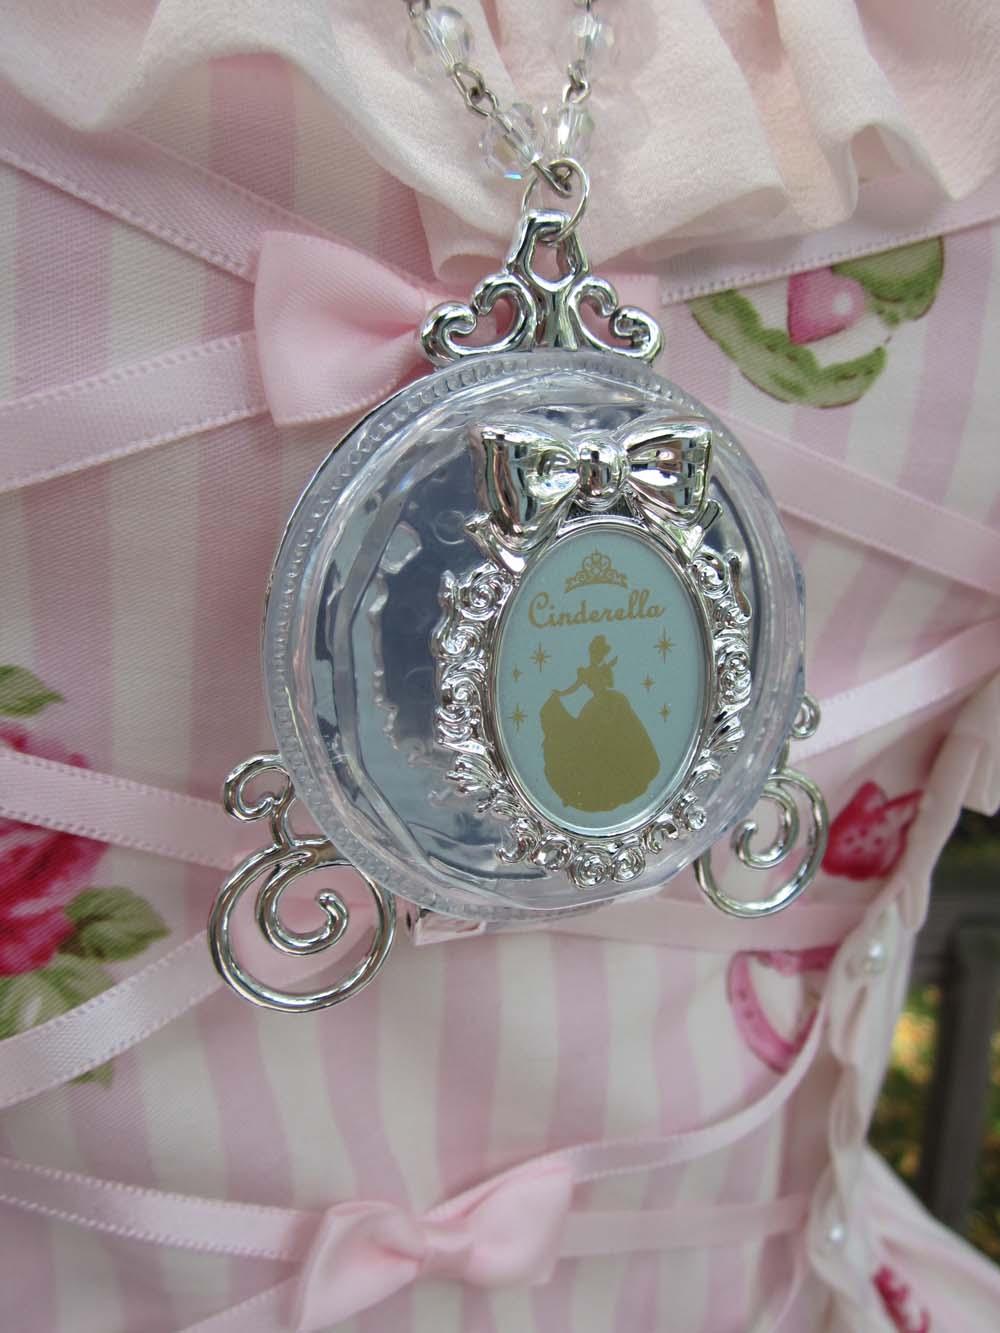 Cinderella Mirror Necklace 1